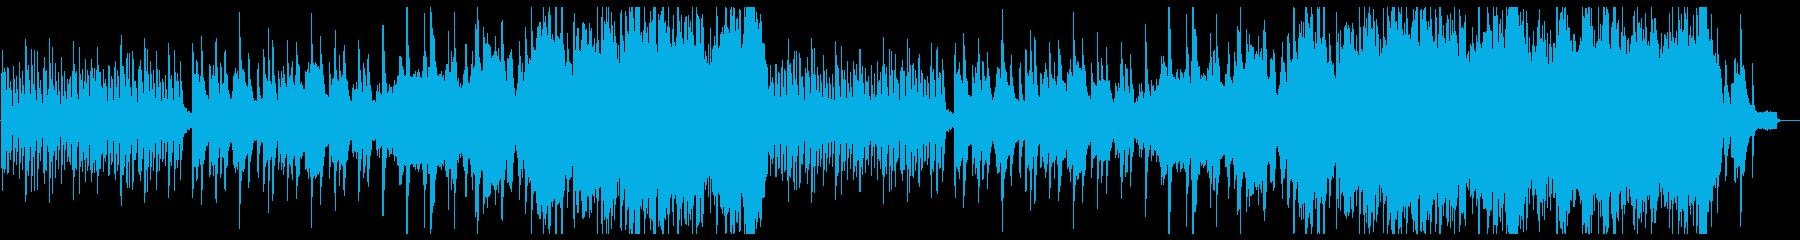 切ない感傷のシネマティックシンフォニー。の再生済みの波形